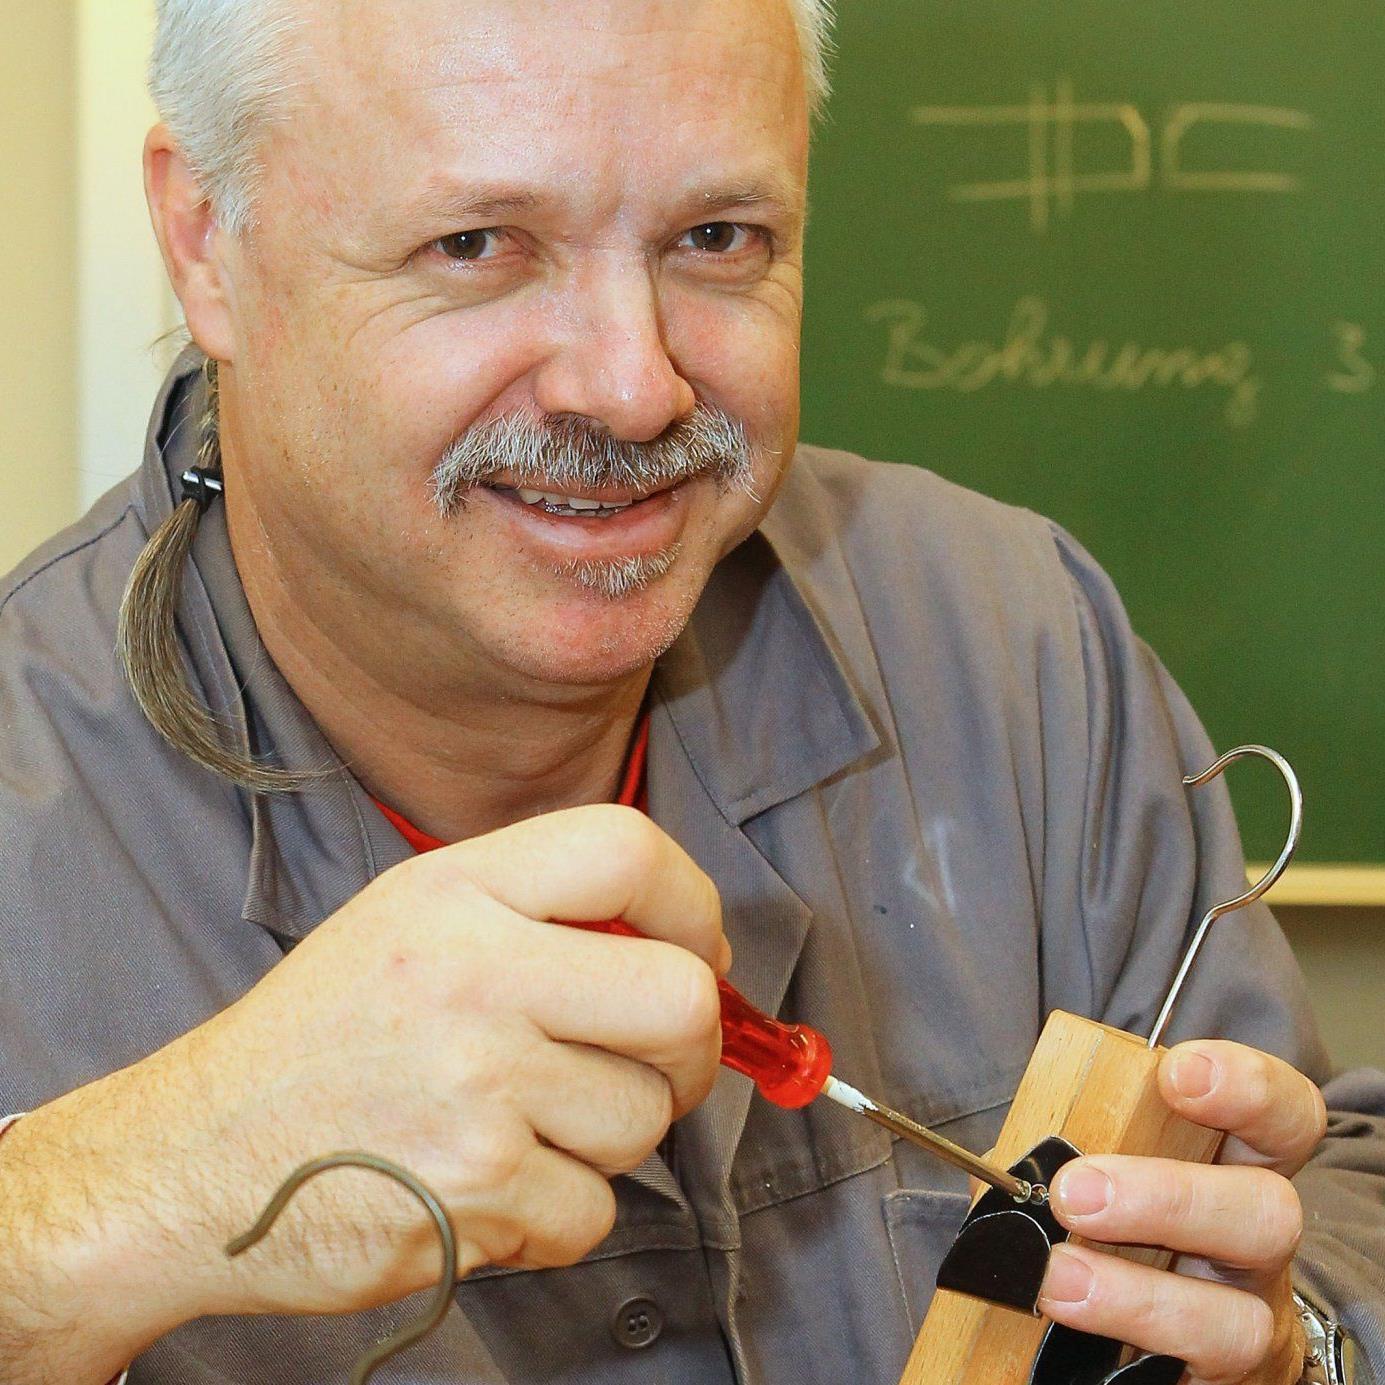 Technisches Werken – für Christoph Kessler Hobby und Beruf zugleich.